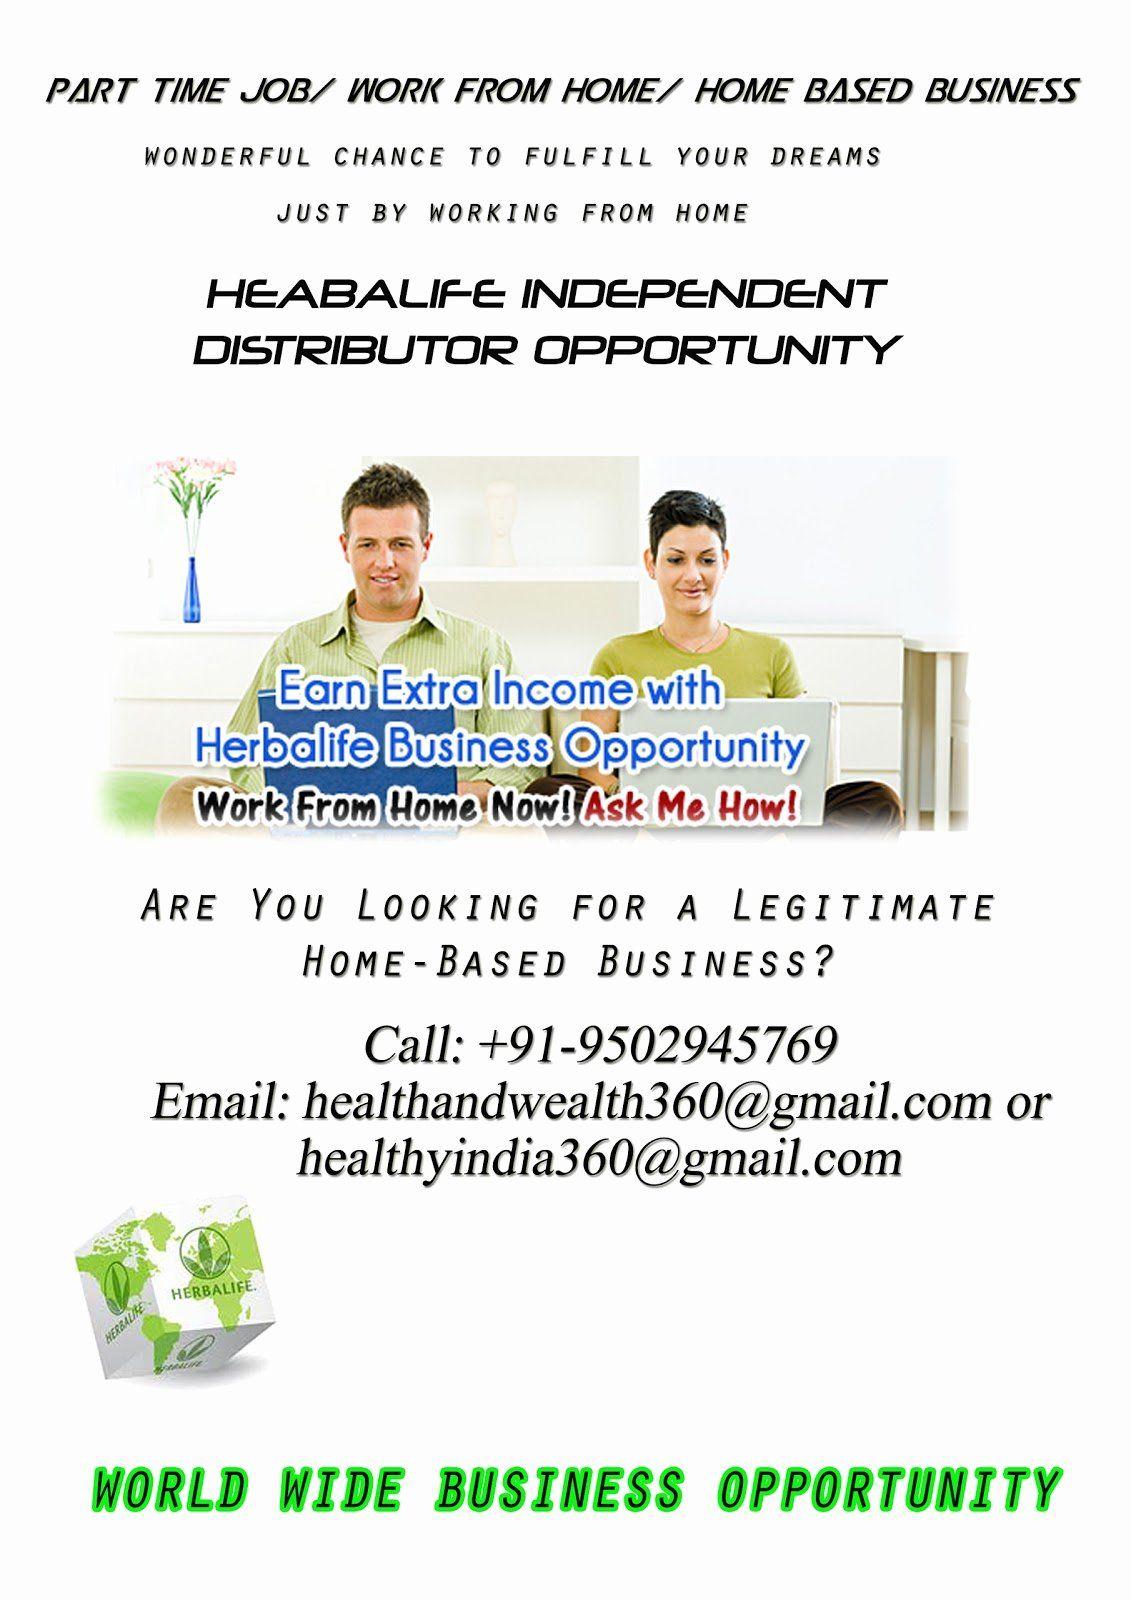 Herbalife Flyers Template Best Of Herbalife Business Opportunity Herbalife Flyer Herbalife Business Herbalife Herbalife Business Opportunity